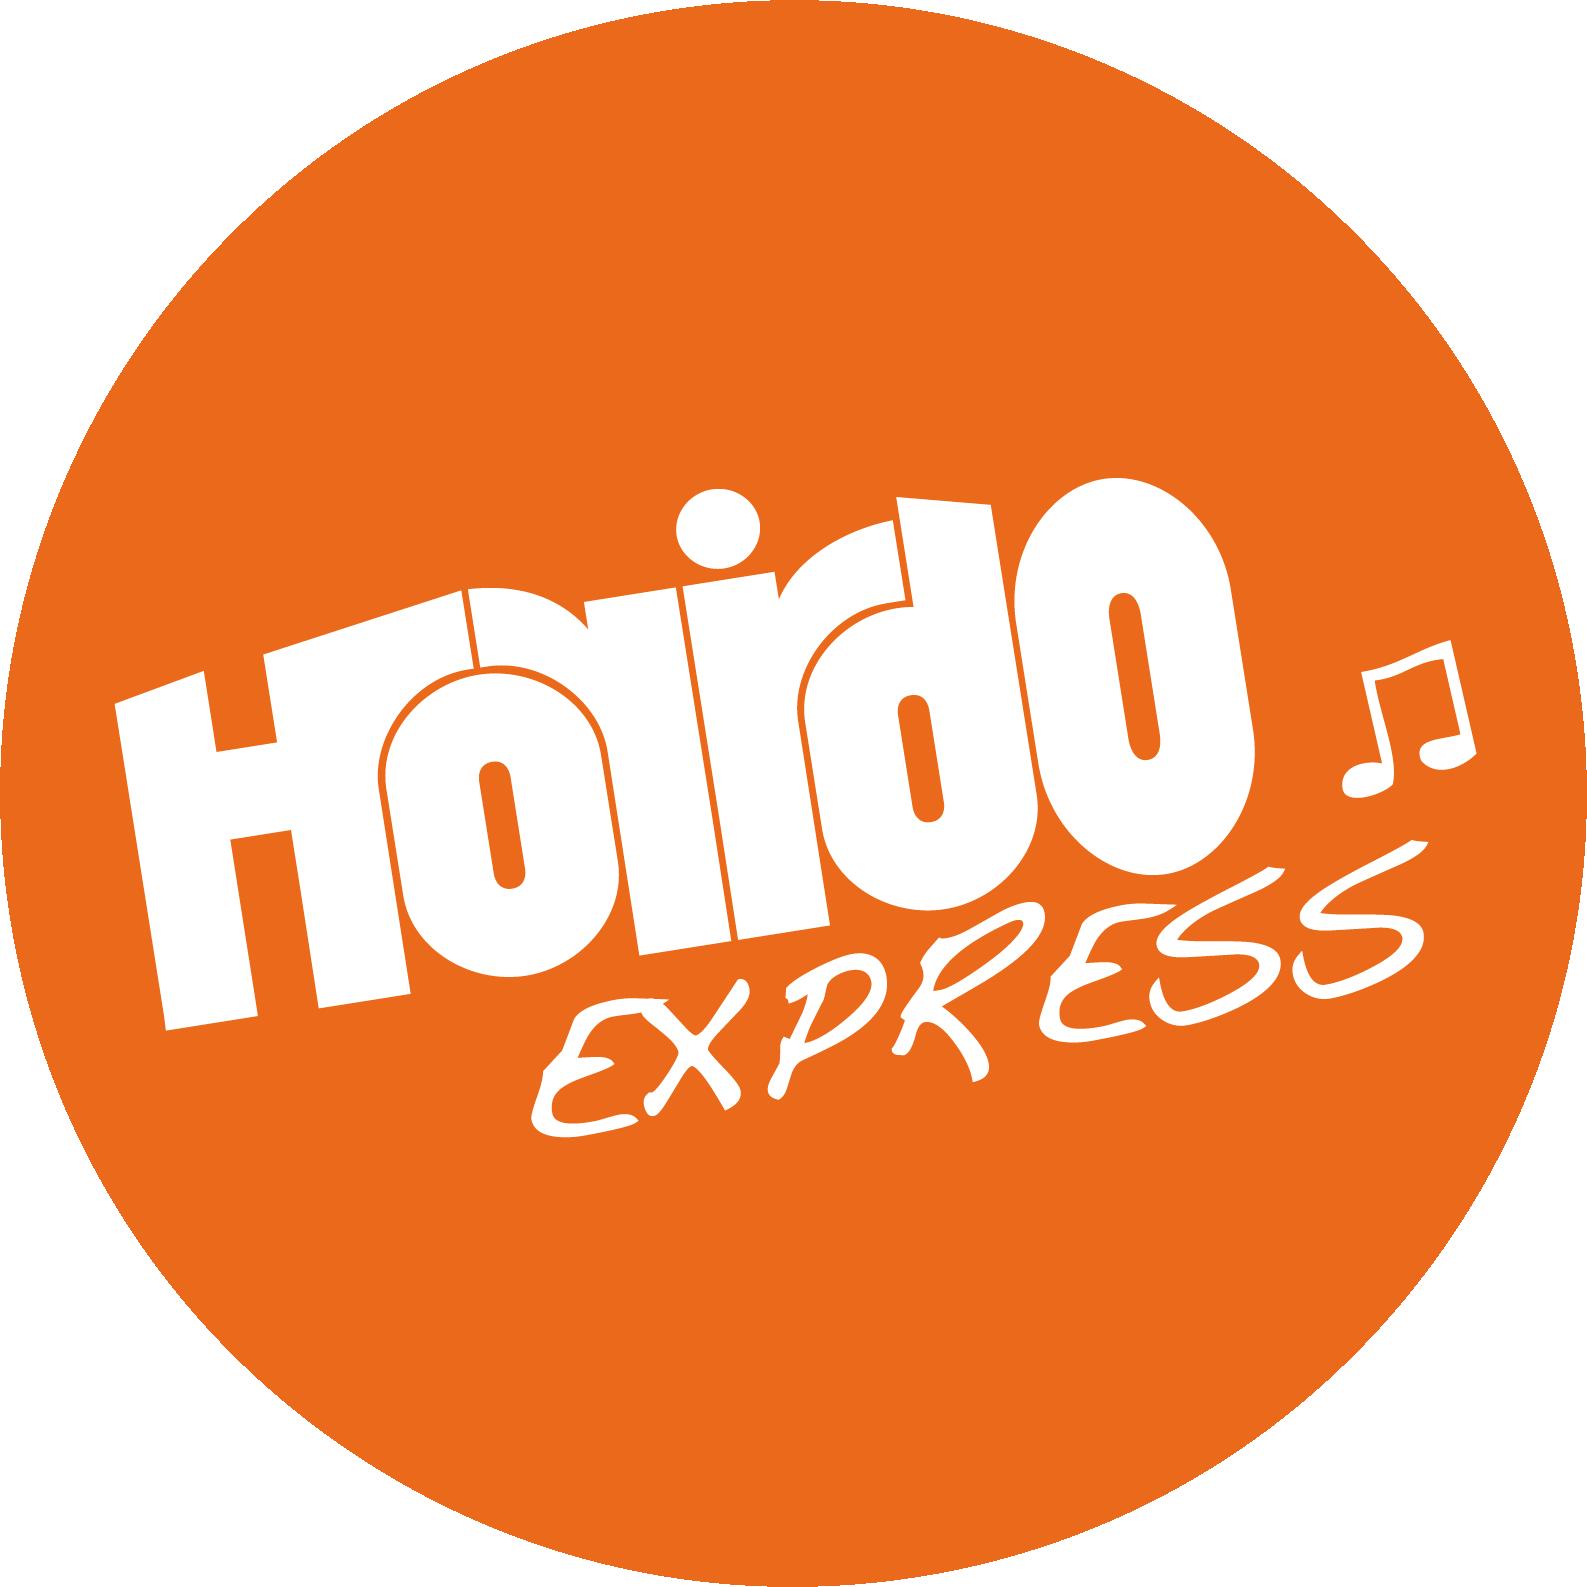 Horrido Express